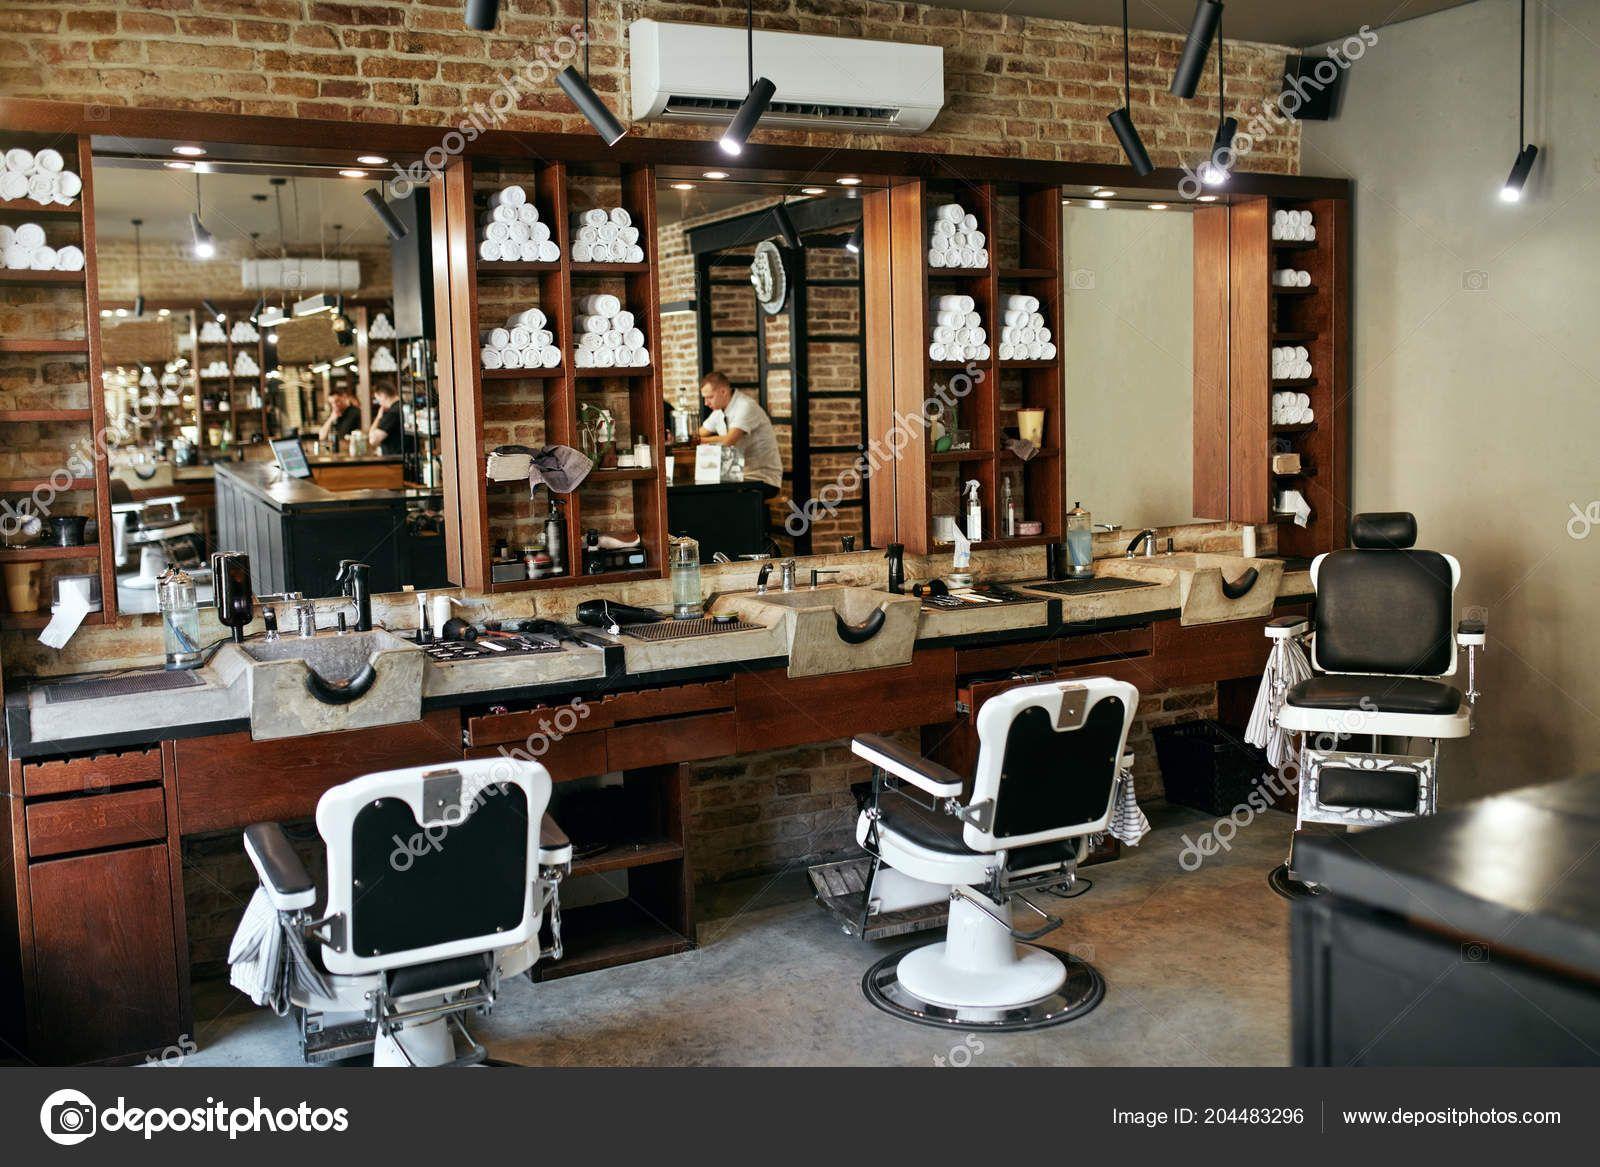 Telecharger Barber Shop Interior Salon Coiffure Hommes Beaute Avec Chaise Antique Image Casa De Arquitetura Stock Image Barbearia